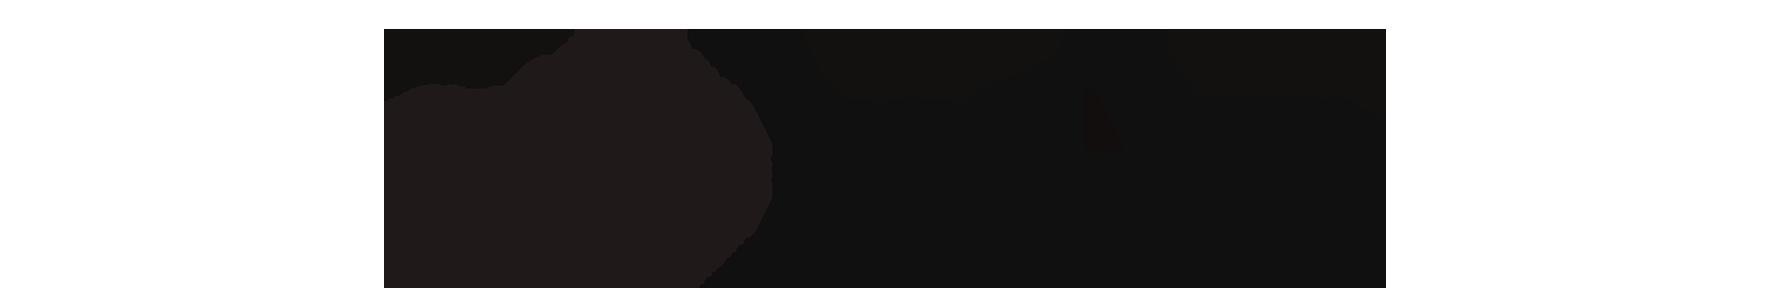 Patrocinadores IFA 2018